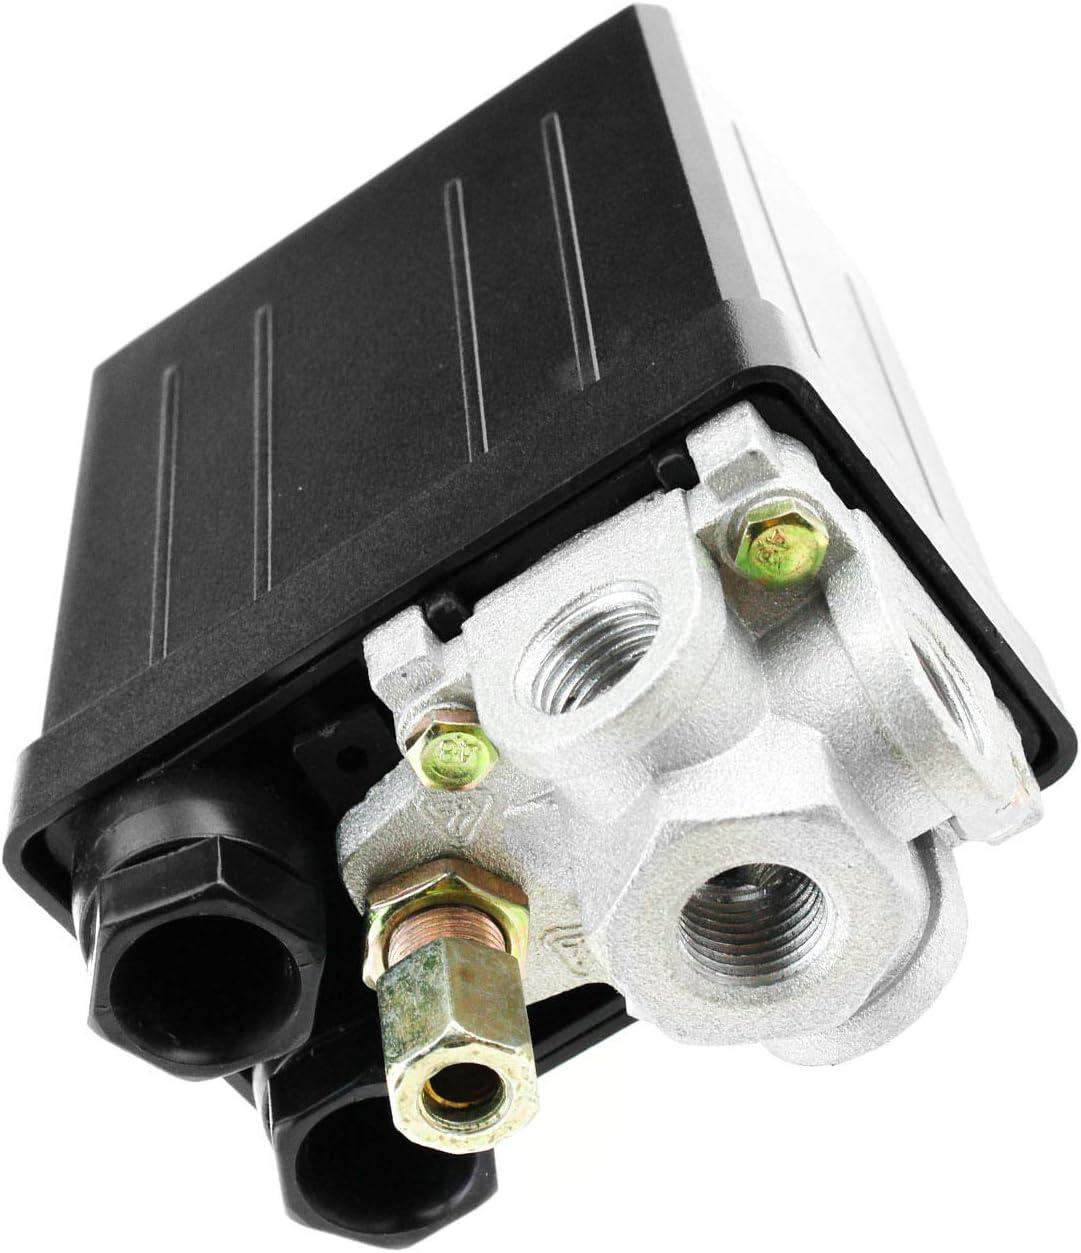 VORCOOL Air compresseur pression interrupteur contr/ôle Valve 240V AC 20 a 175 PSI 12 Bar 4 ports